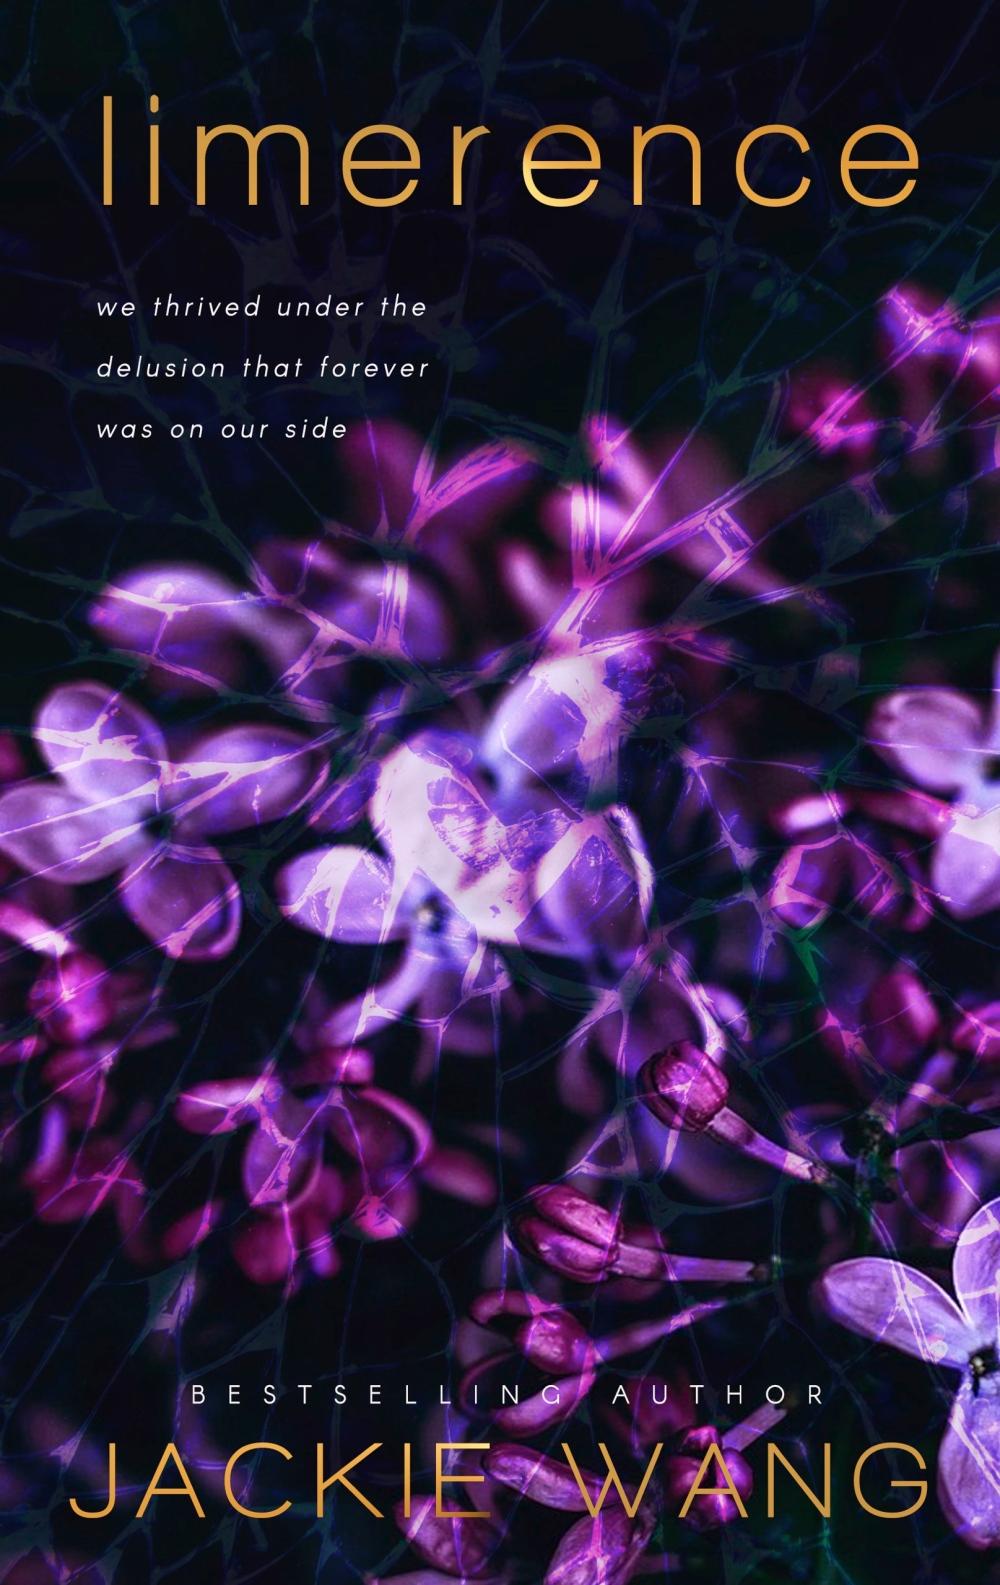 Limerence-Kindle